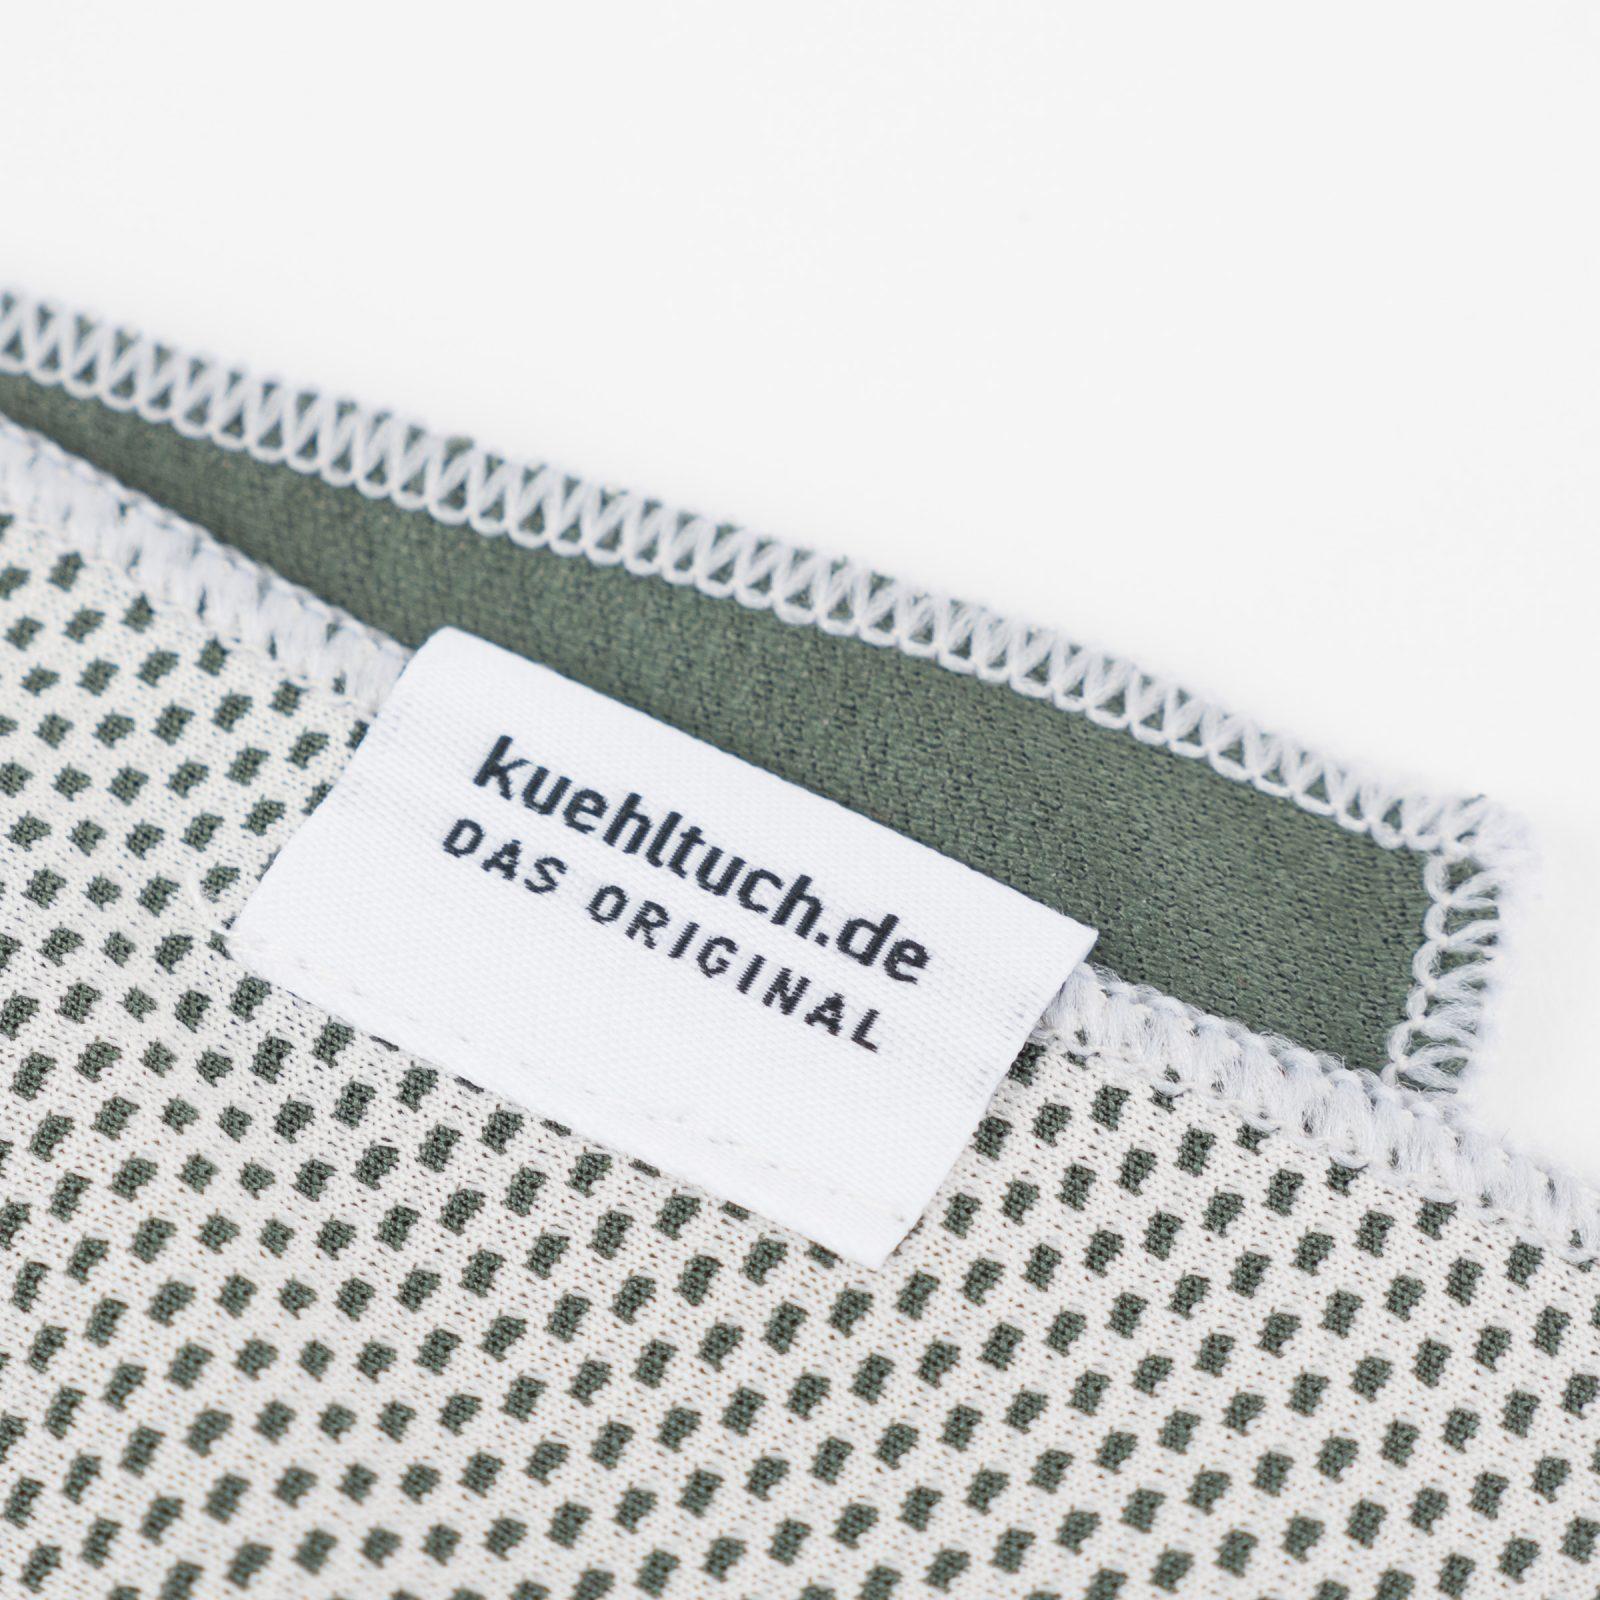 Kuehltuch taubengrau Label